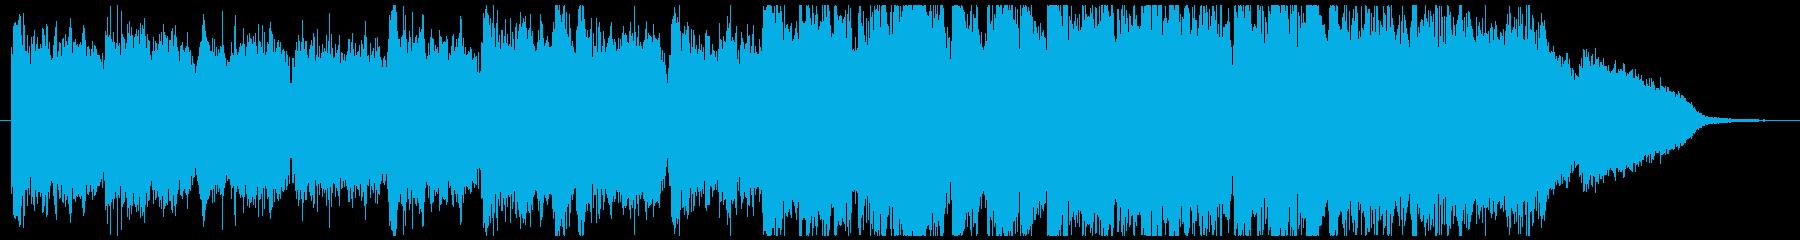 ギターアルペジオとミュートオープニング曲の再生済みの波形